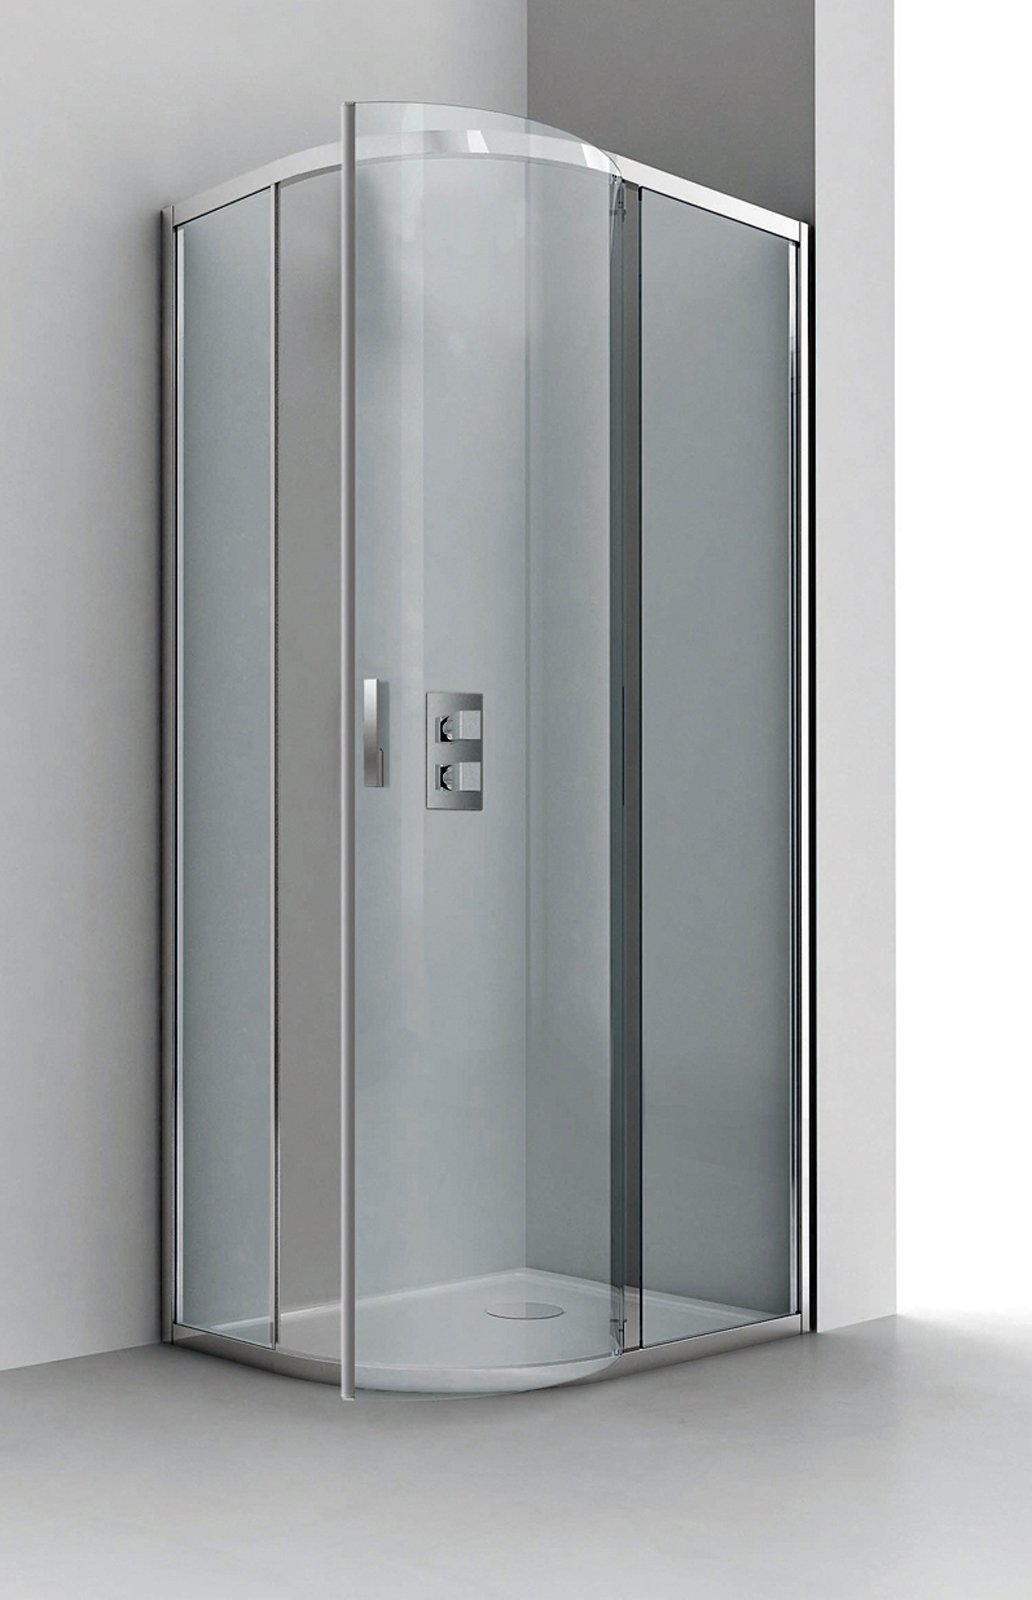 La doccia come scegliere cose di casa - Box doccia relax ...